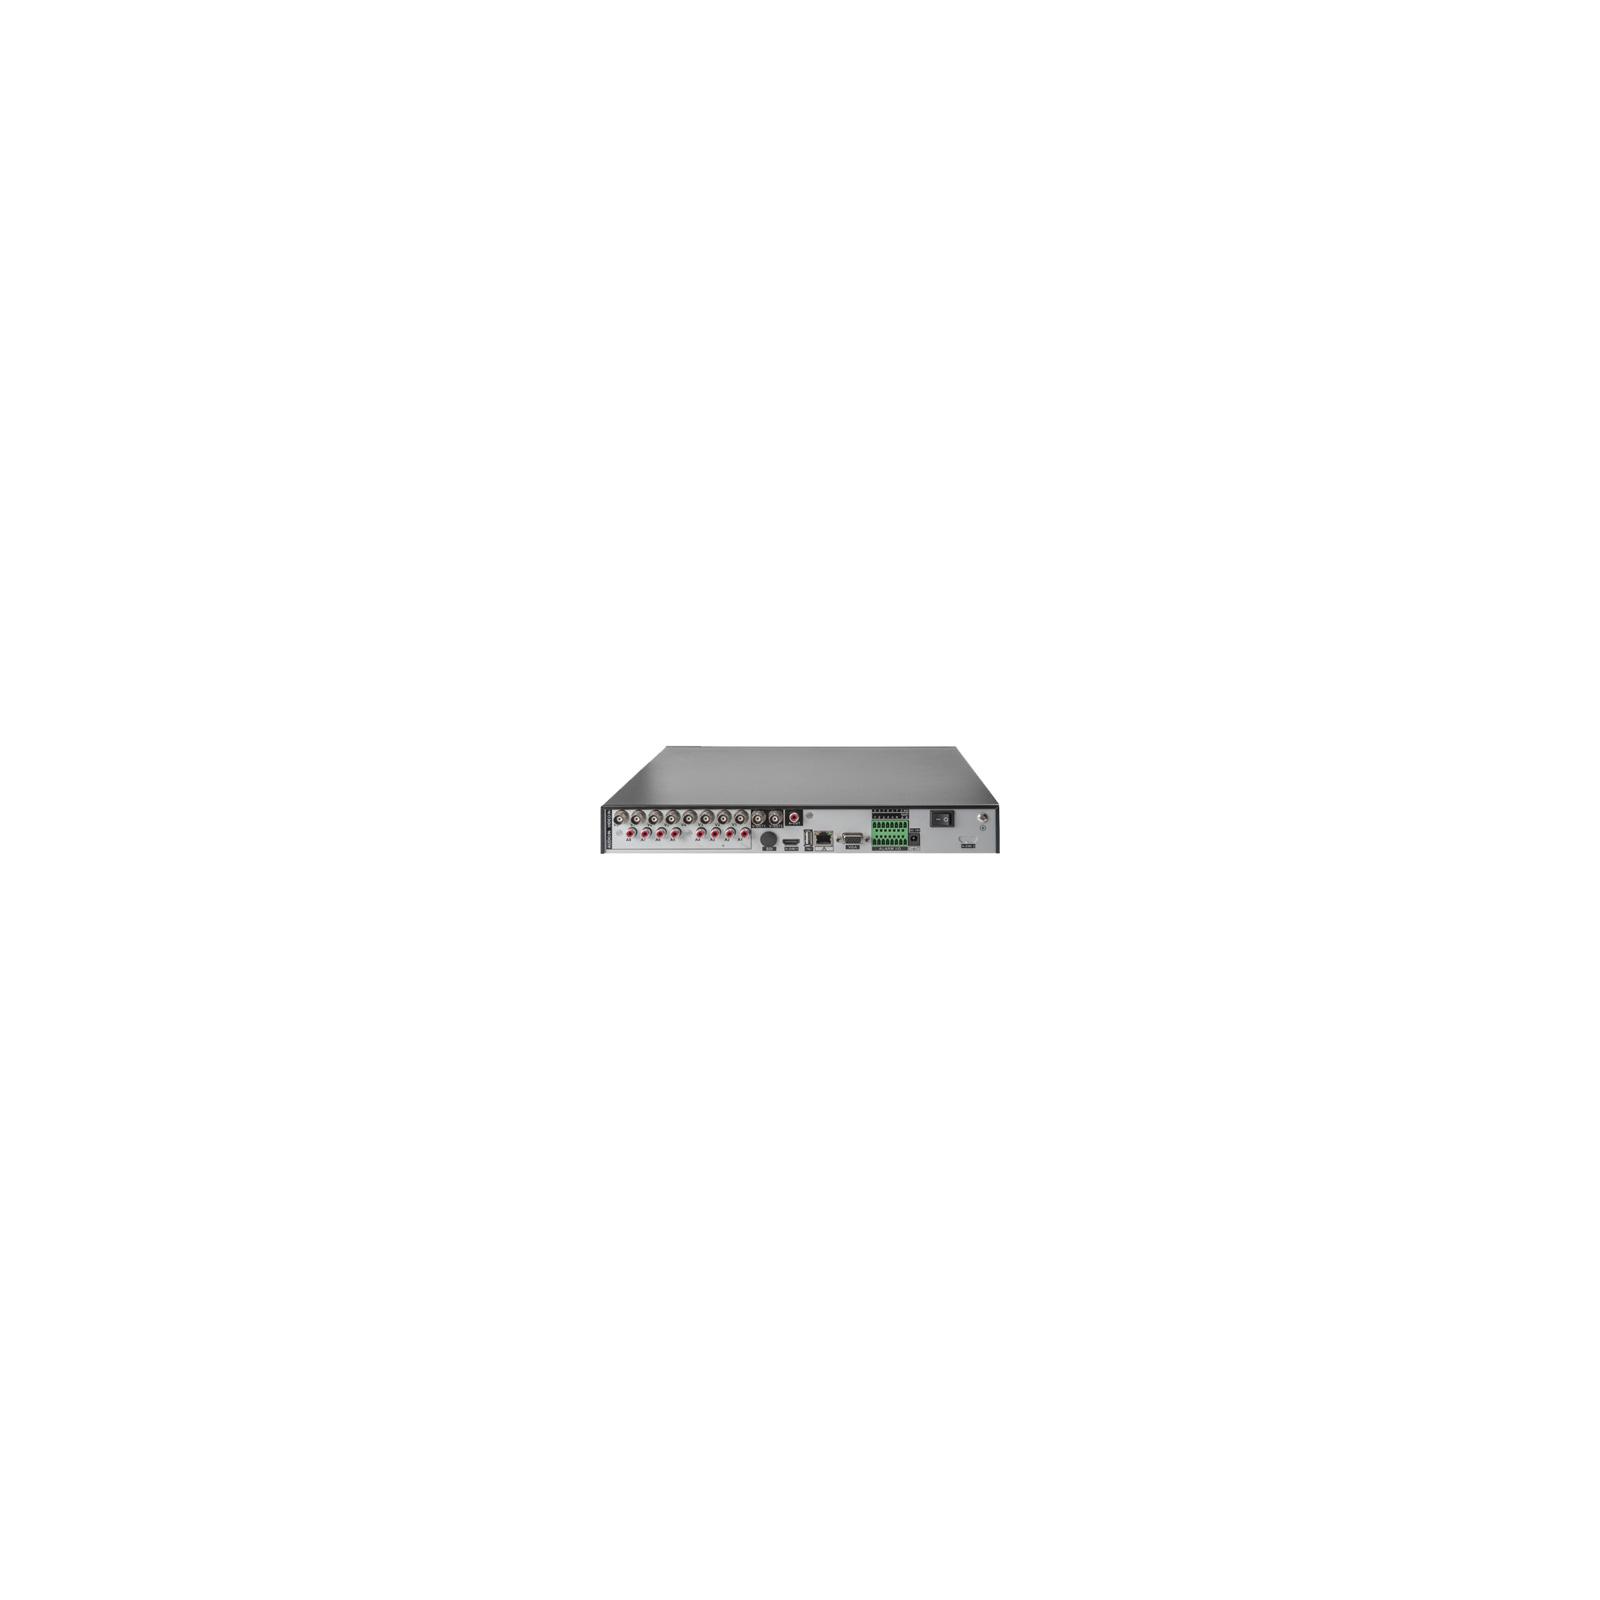 Регистратор для видеонаблюдения Tecsar L88-2D2P-H изображение 2